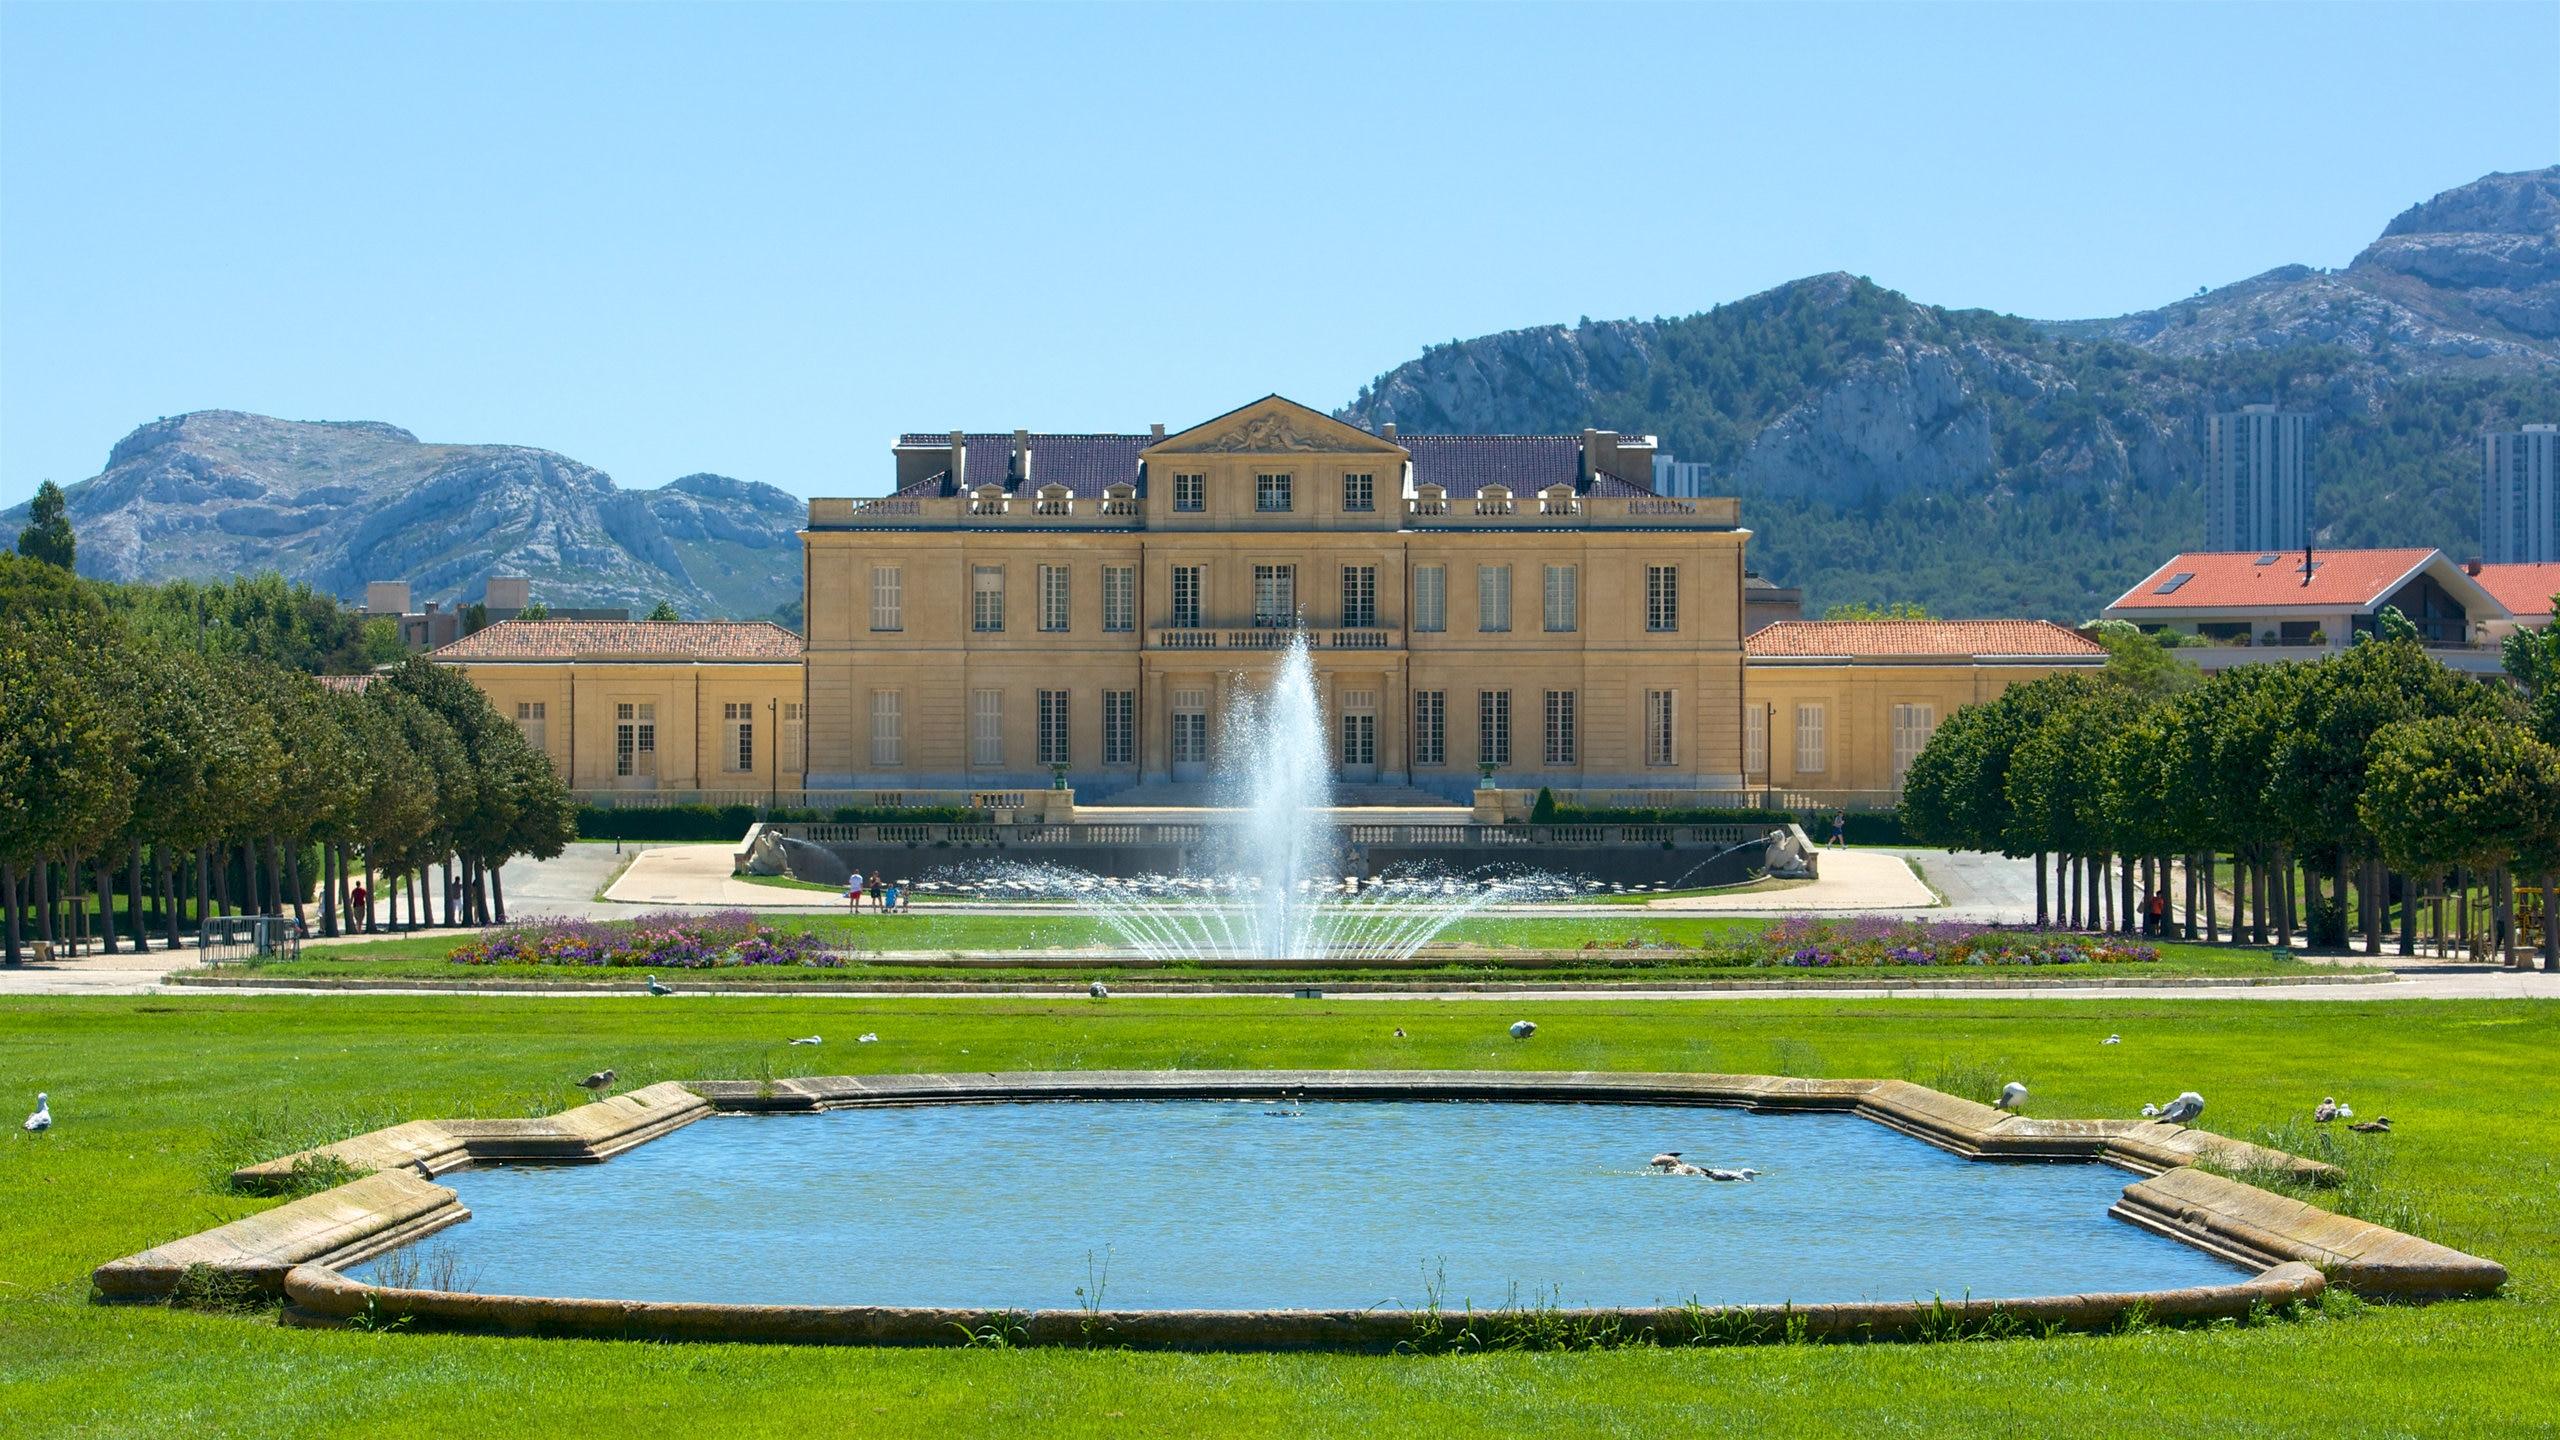 Laissez-vous séduire par les senteurs florales, l'architecture classique et les trésors cachés du parc préféré des Marseillais qui est aussi l'un des plus remarquables de France.